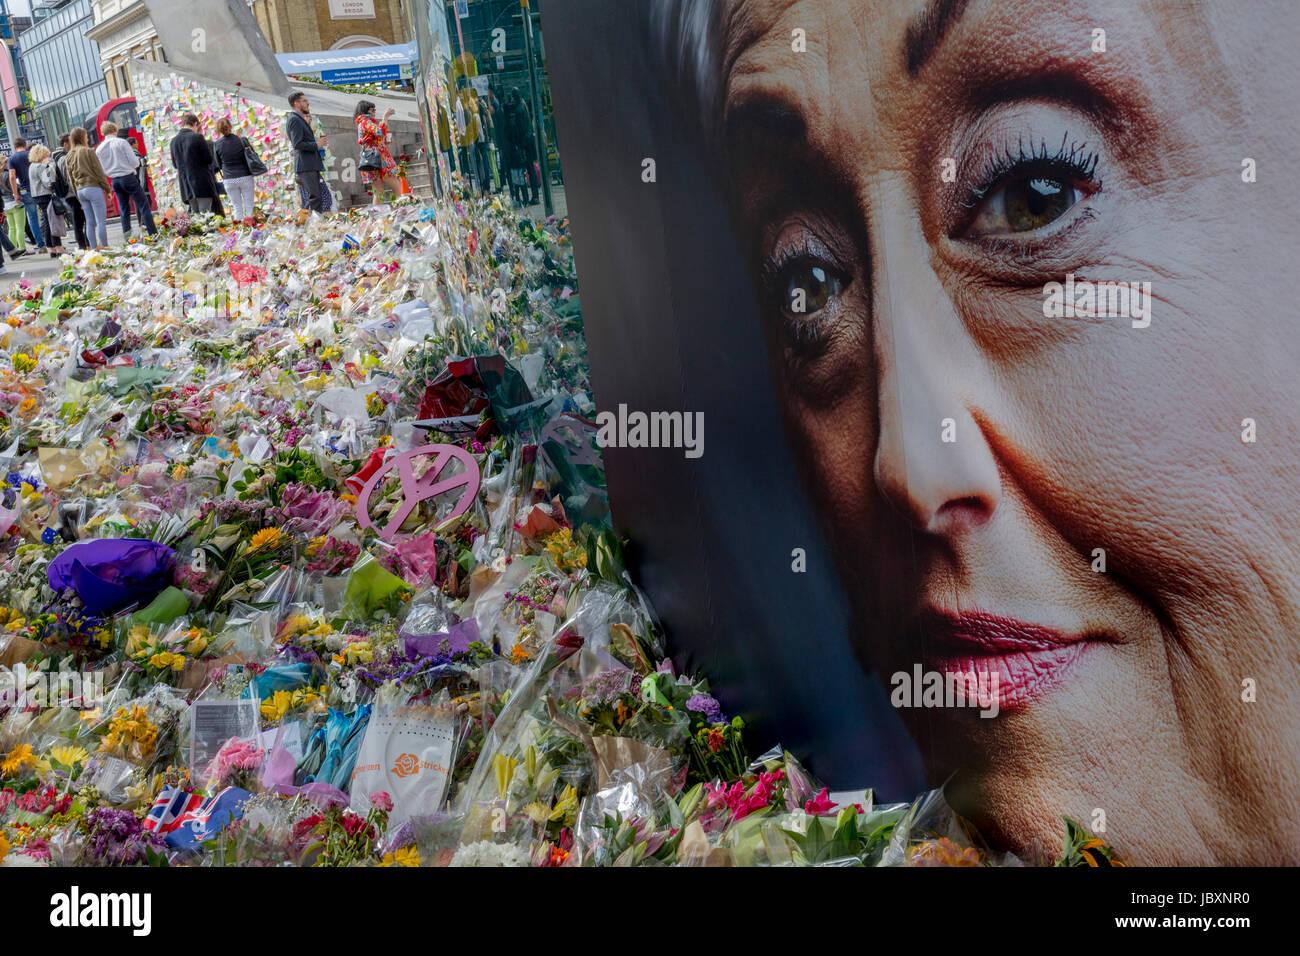 Publicité Le visage d'une dame d'âge moyen symbolise la compassion et sympathie dans le sanctuaire Photo Stock